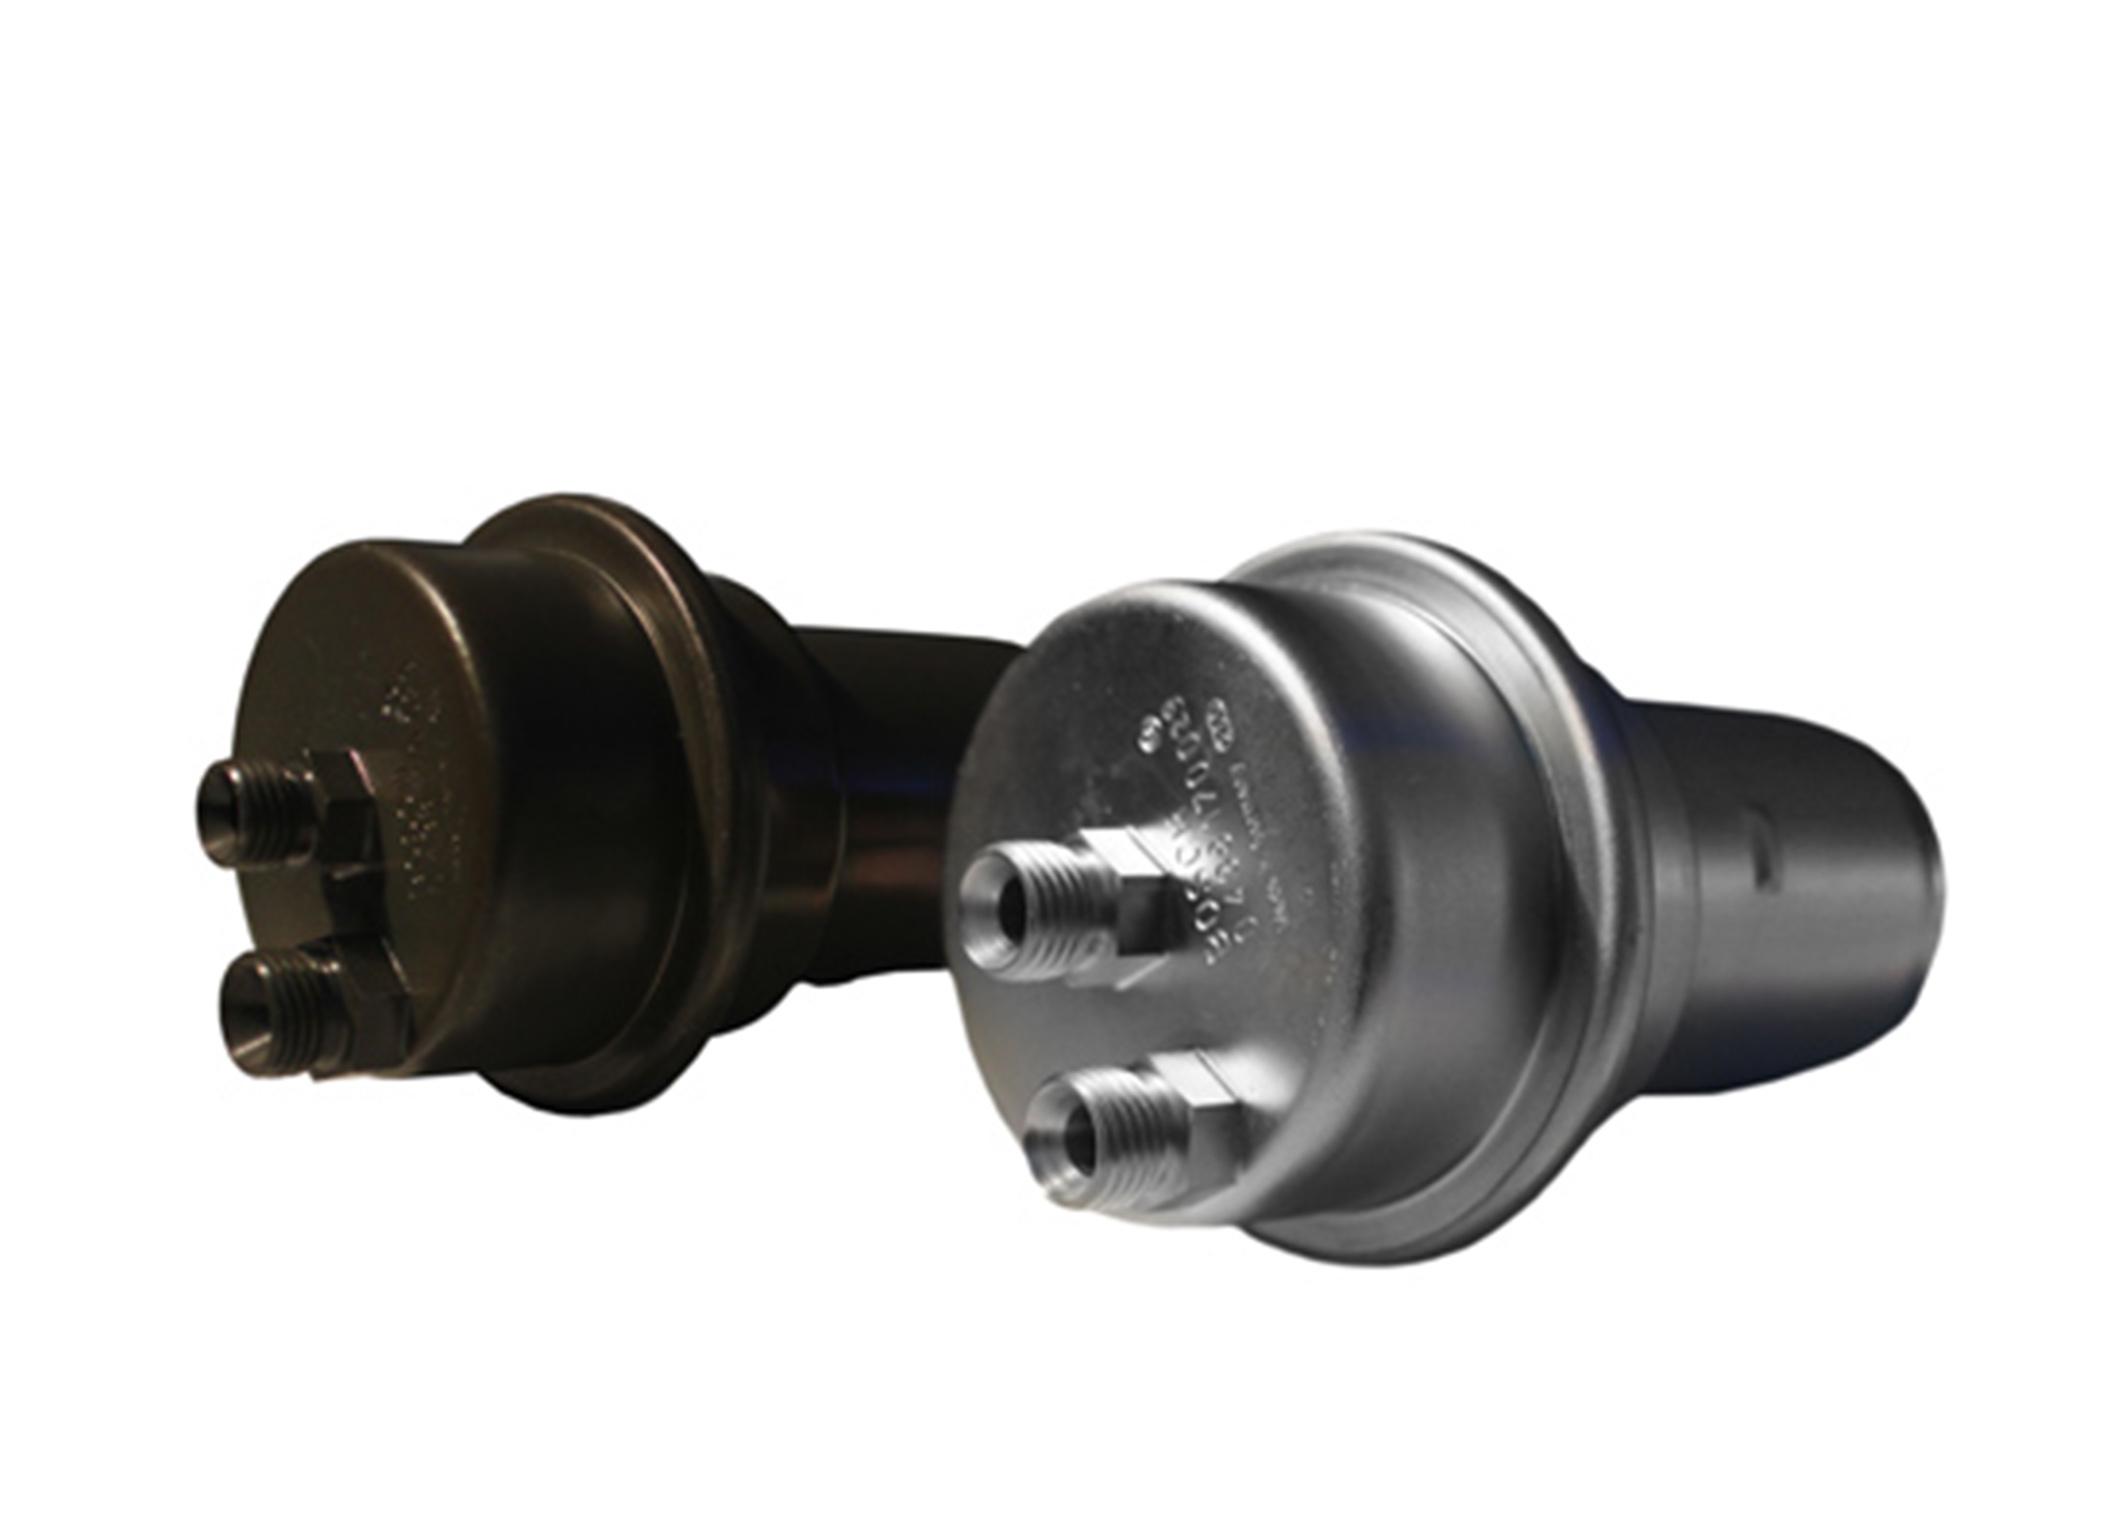 Zur Sicherung der Langzeitversorgung des Kraftstoffspeichers wurde der Oberflächen-Korrosionsschutz auf ein neues, umweltfreundlicheres Verfahren umgestellt.